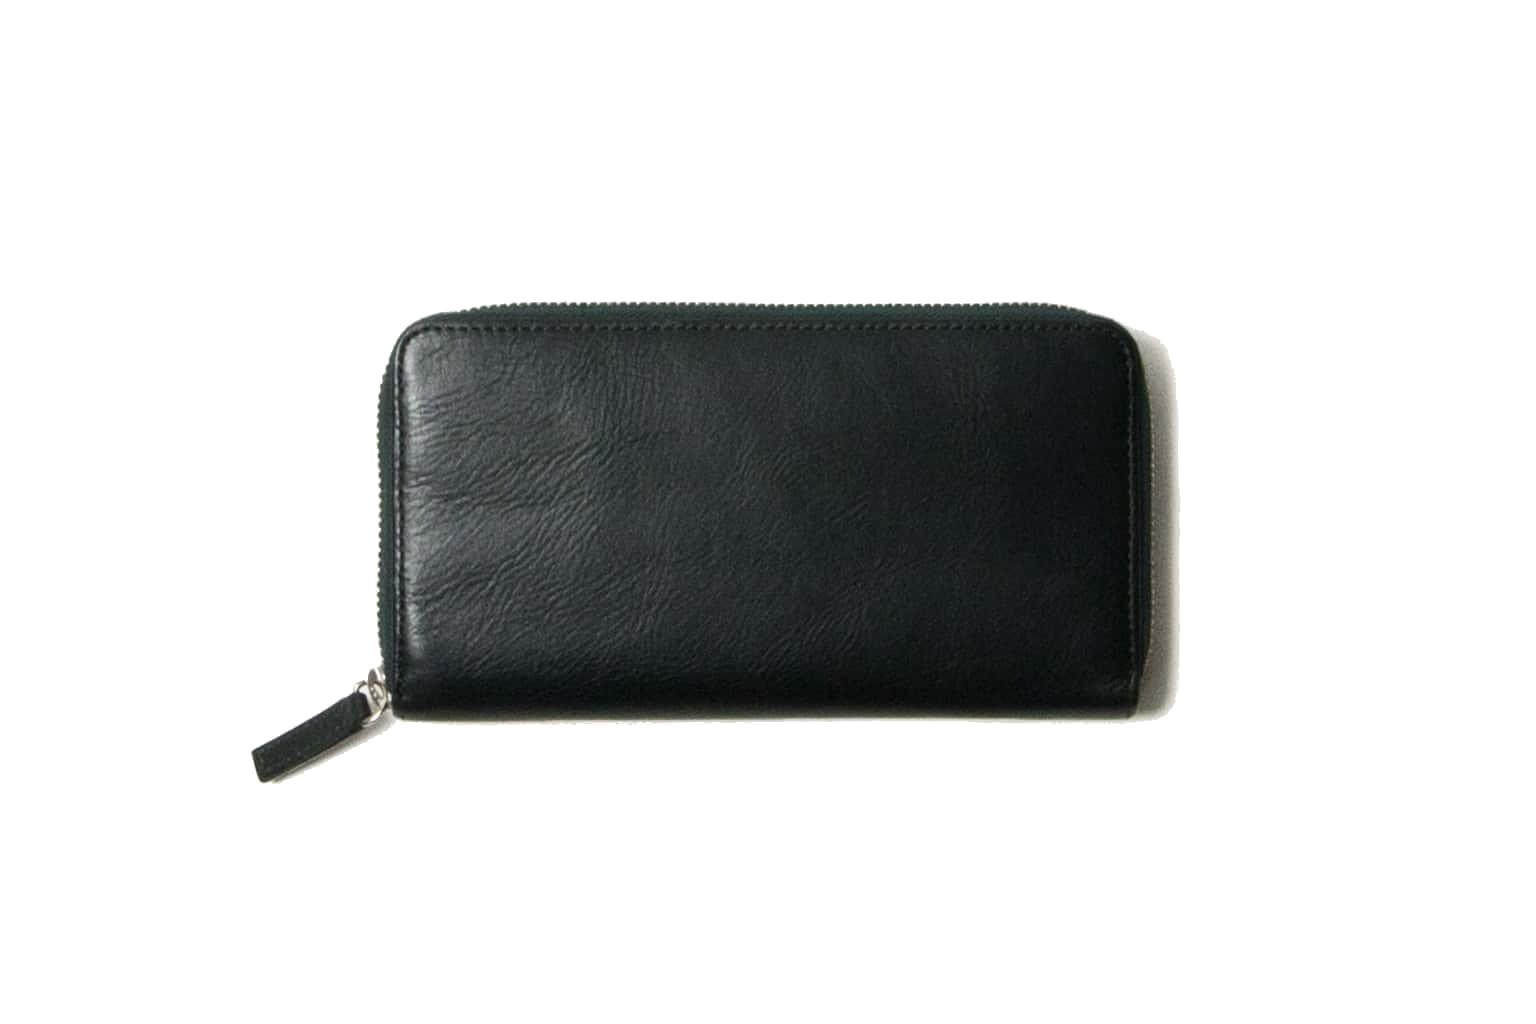 ブラックグリーン Business Leather Factory(ビジネスレザーファクトリー) 長財布(ラウンドファスナー)